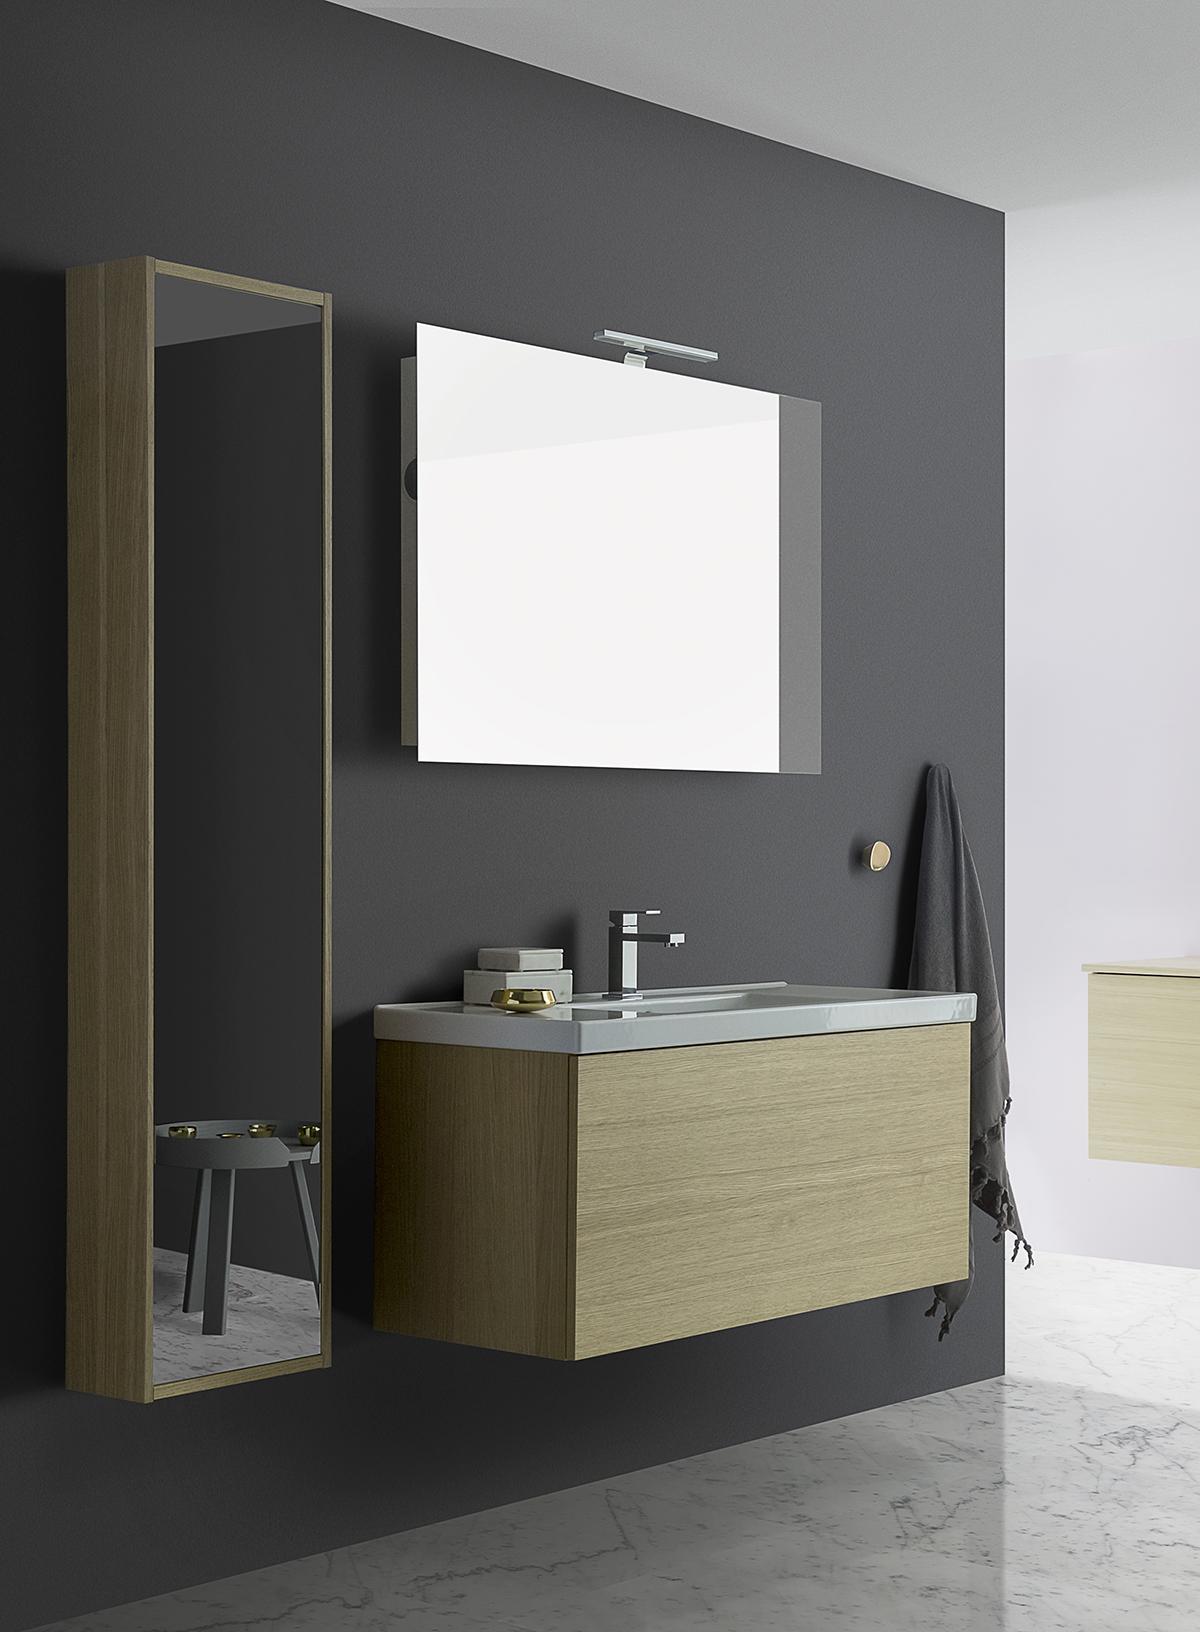 nsdb nordisk sl gtsforskning database. Black Bedroom Furniture Sets. Home Design Ideas